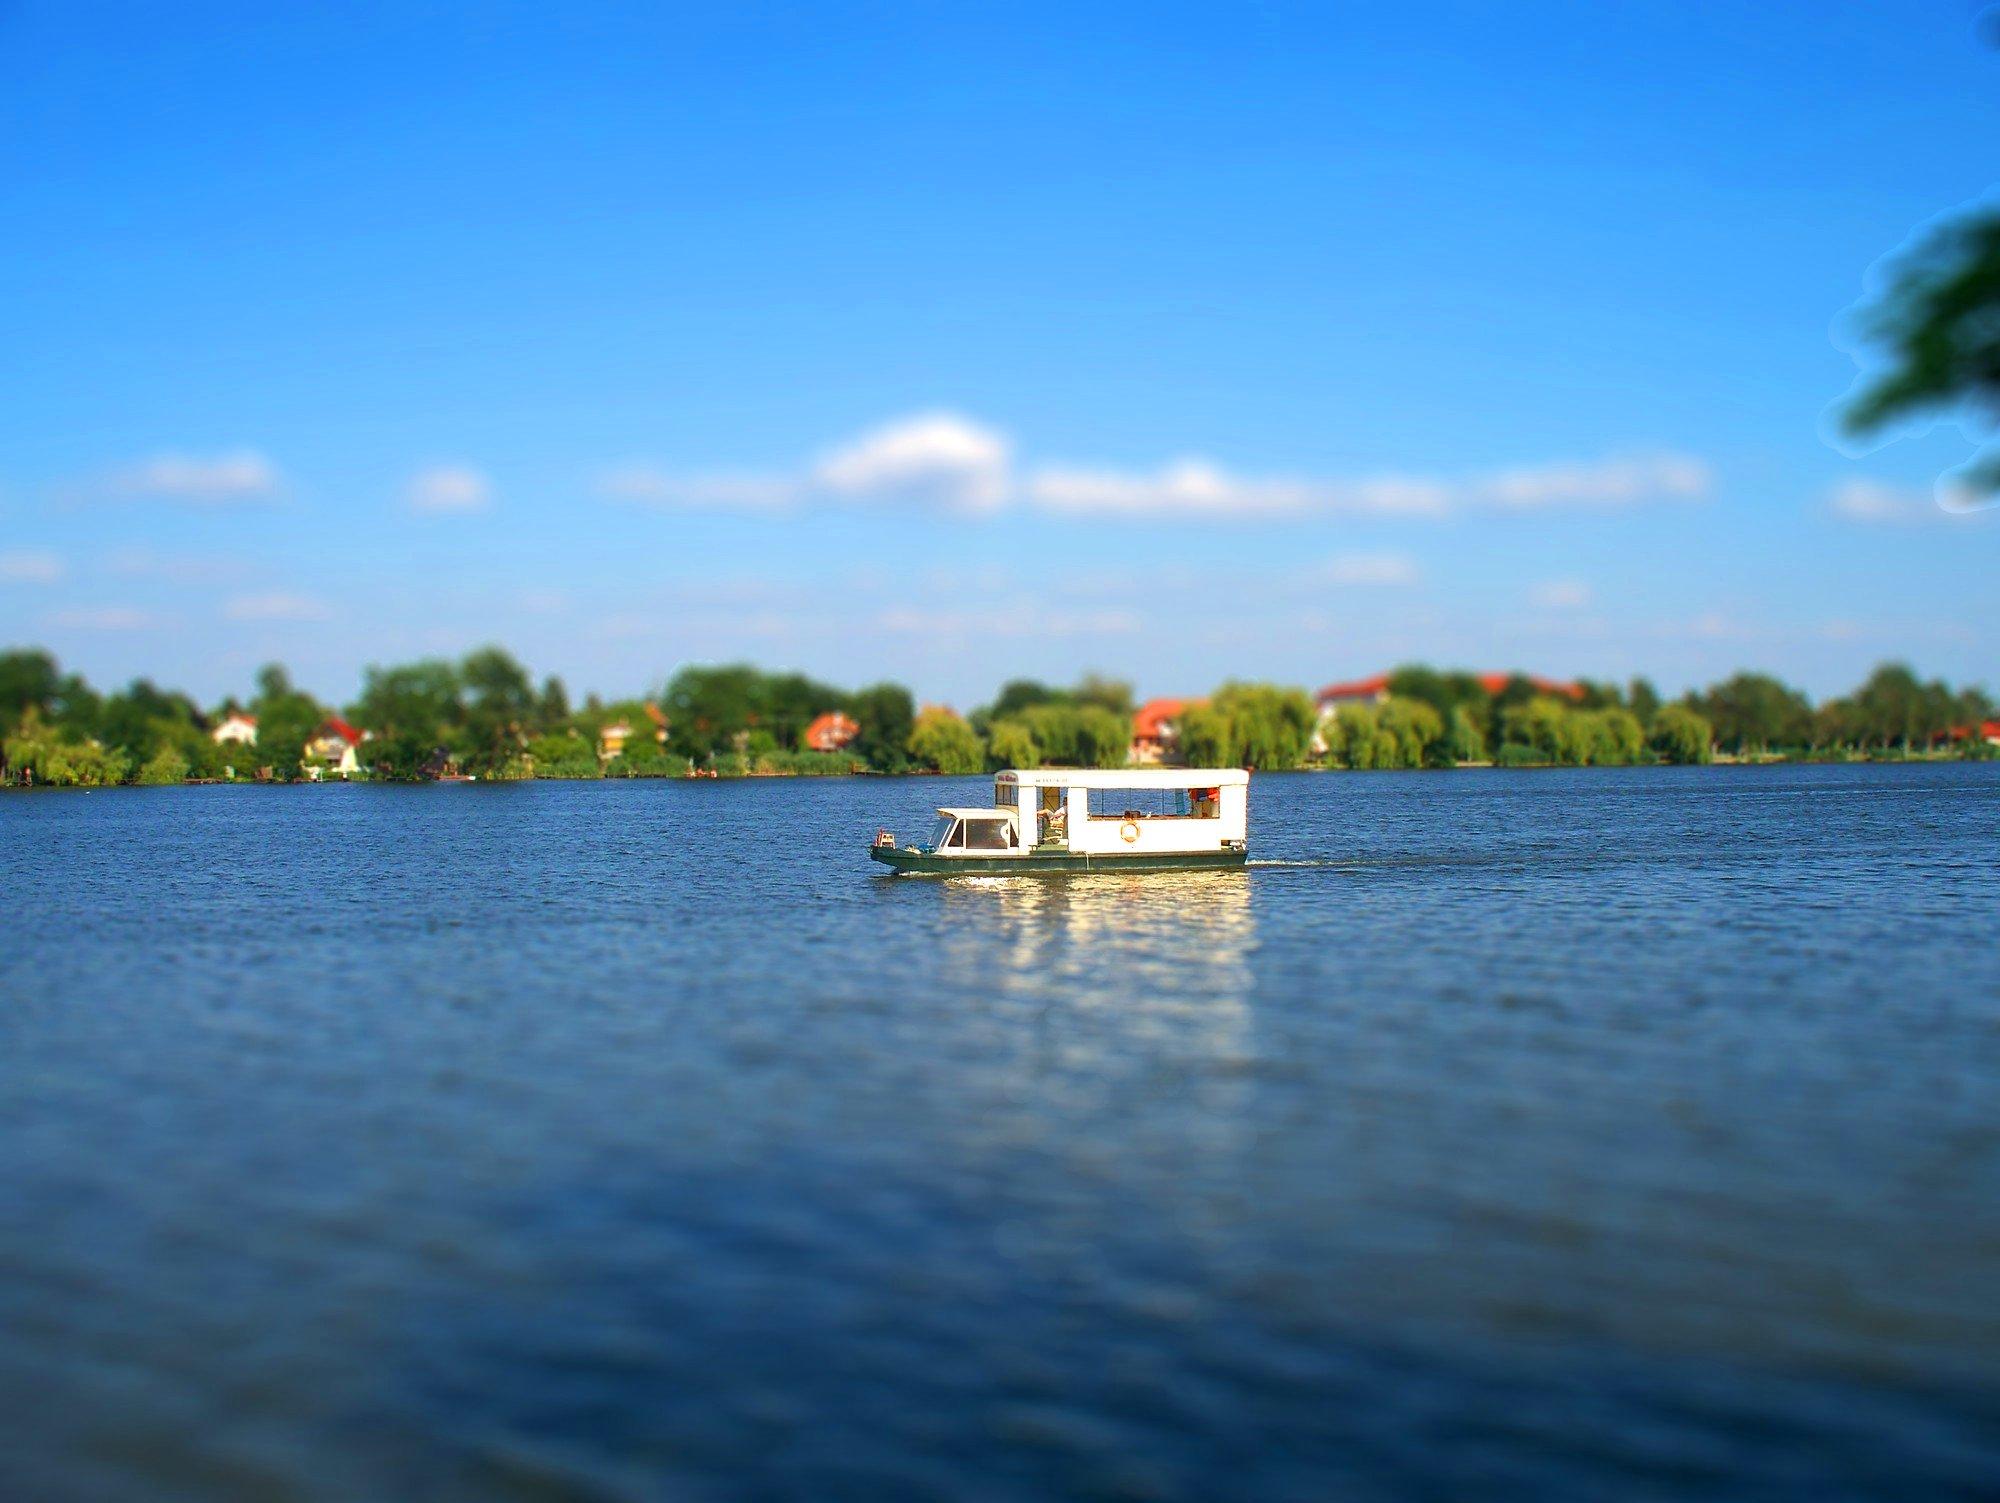 http://www.kisdunainagyhajok.hu/makett-hatas_tilt-shift/www_kisdunainagyhajok_hu_tiltshift_fotok_maketthatas_006.jpg